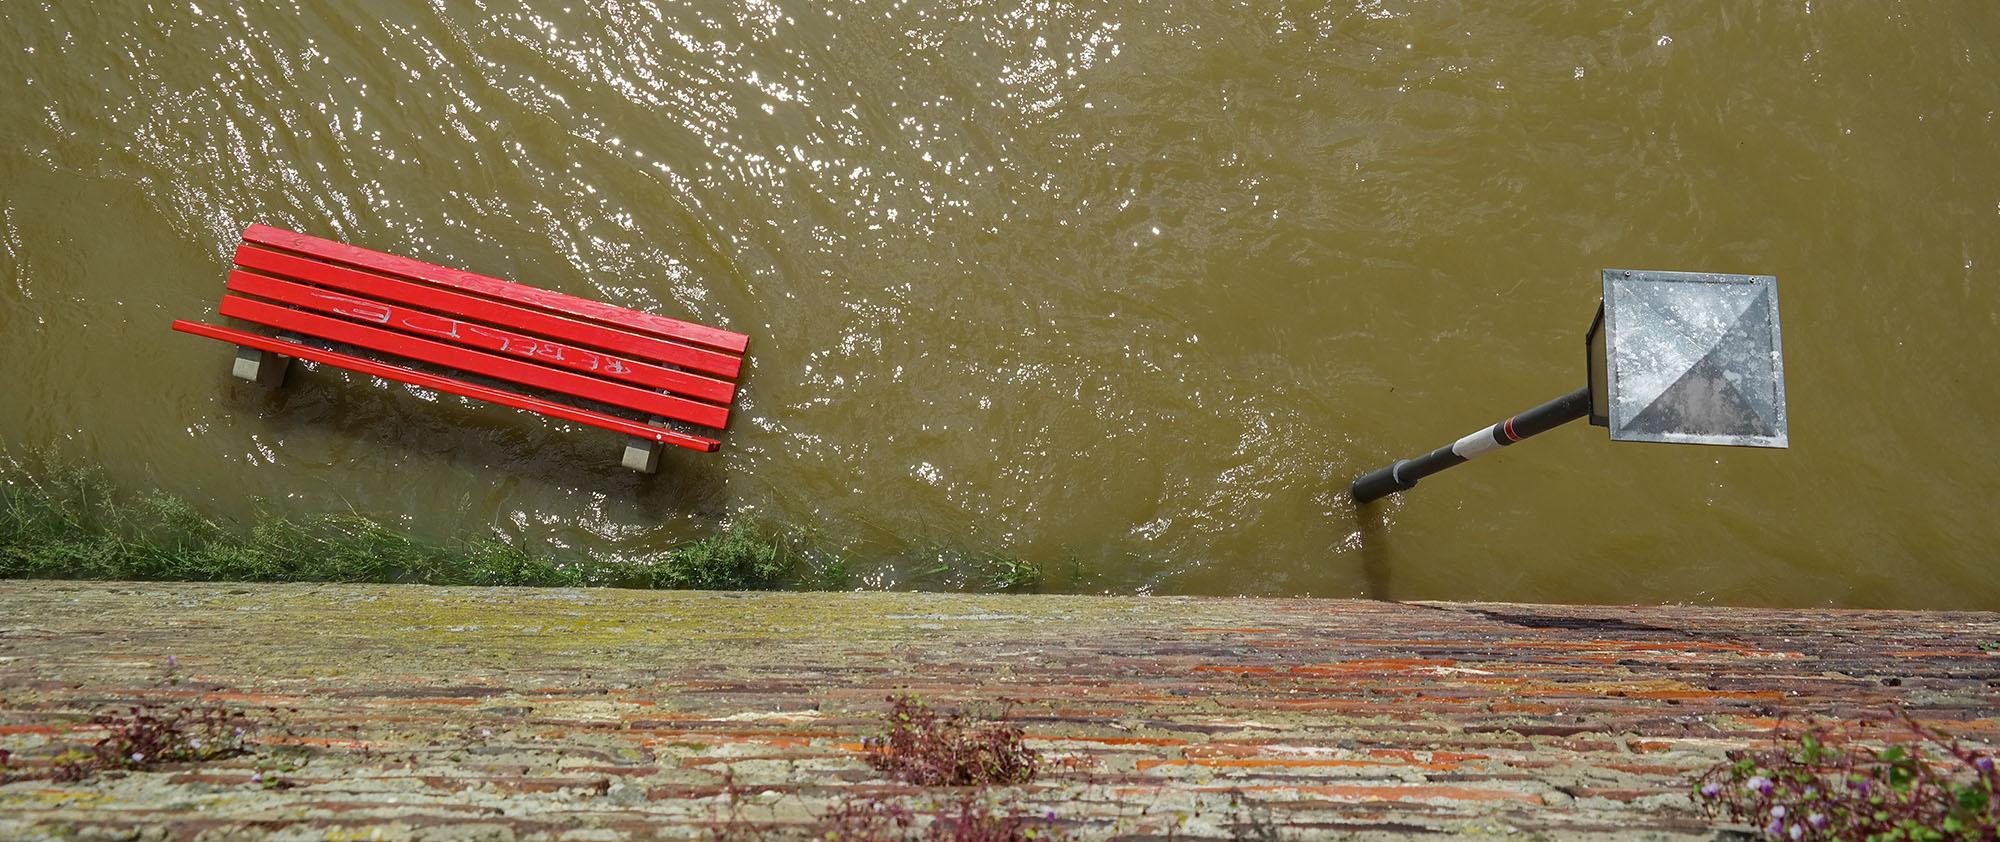 Der Klimawandel führt öfter zu Hochwasser